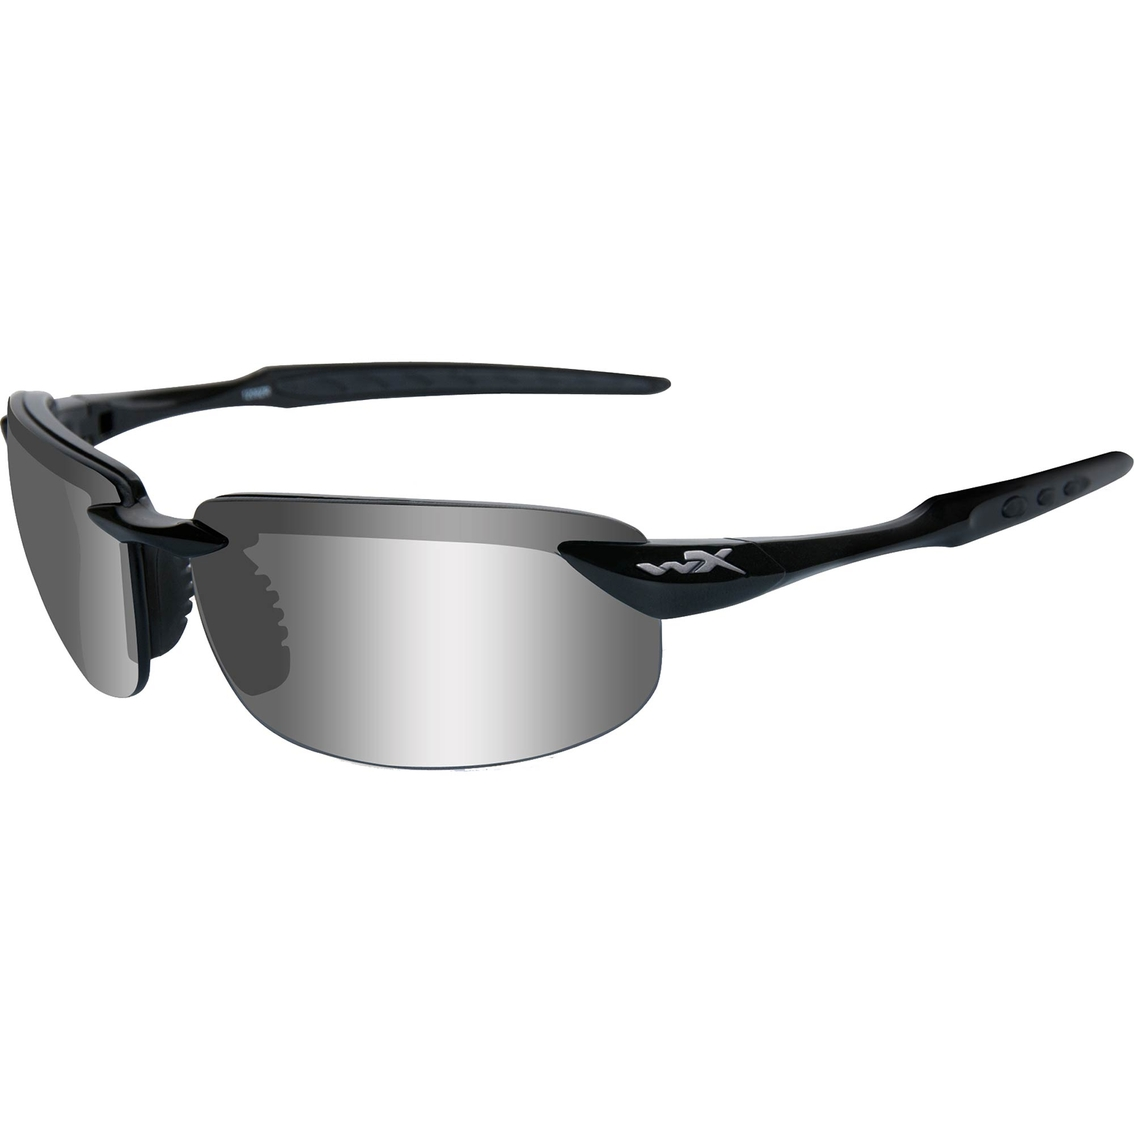 98e9179417fc Discount Wiley X Polarized Sunglasses